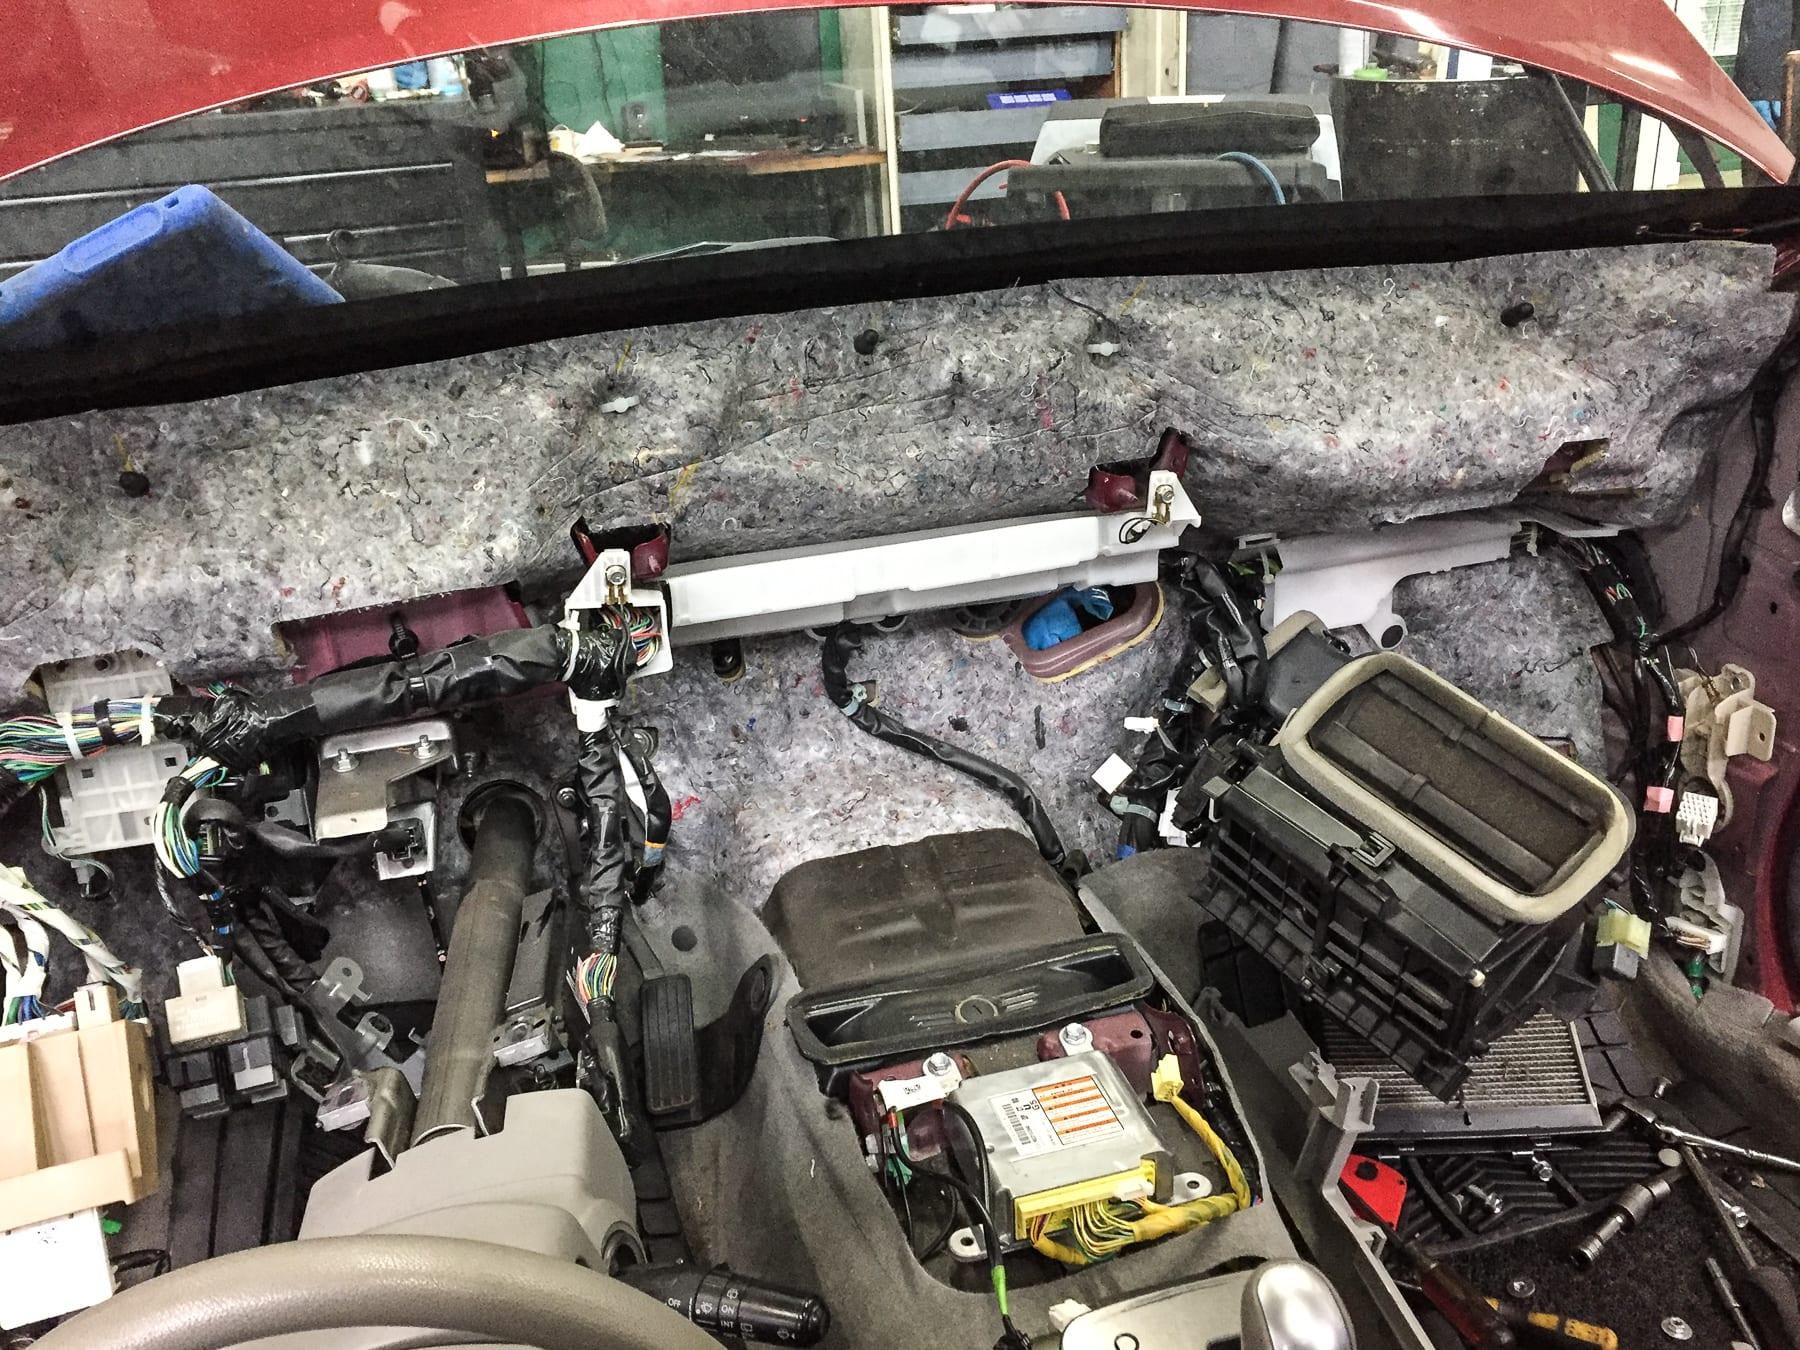 2008 Subaru Forester Heater Core Repair